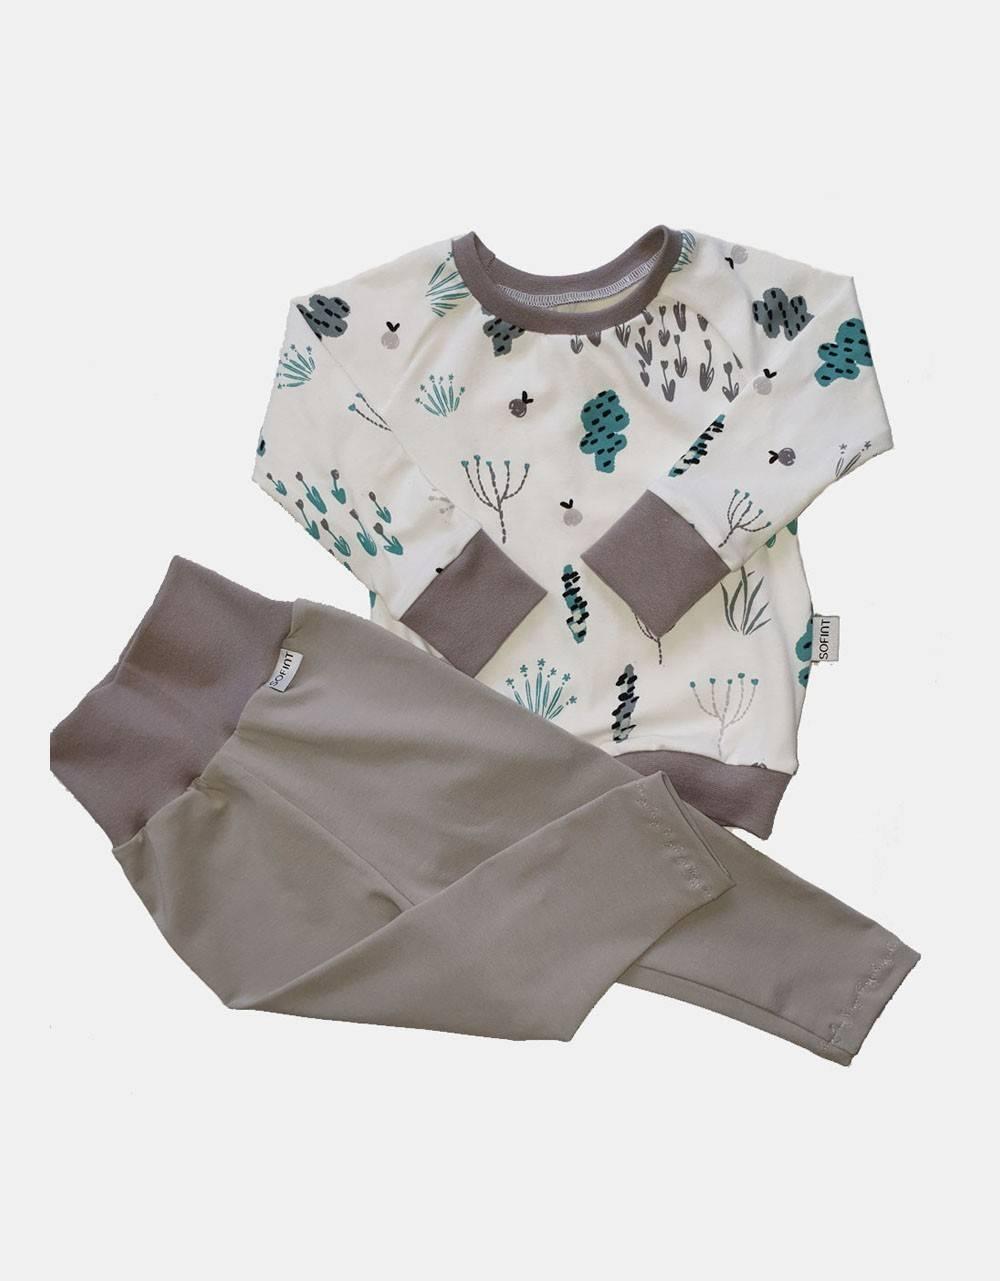 Langarm-Shirt + Leggings weiß mit Sommerblumen